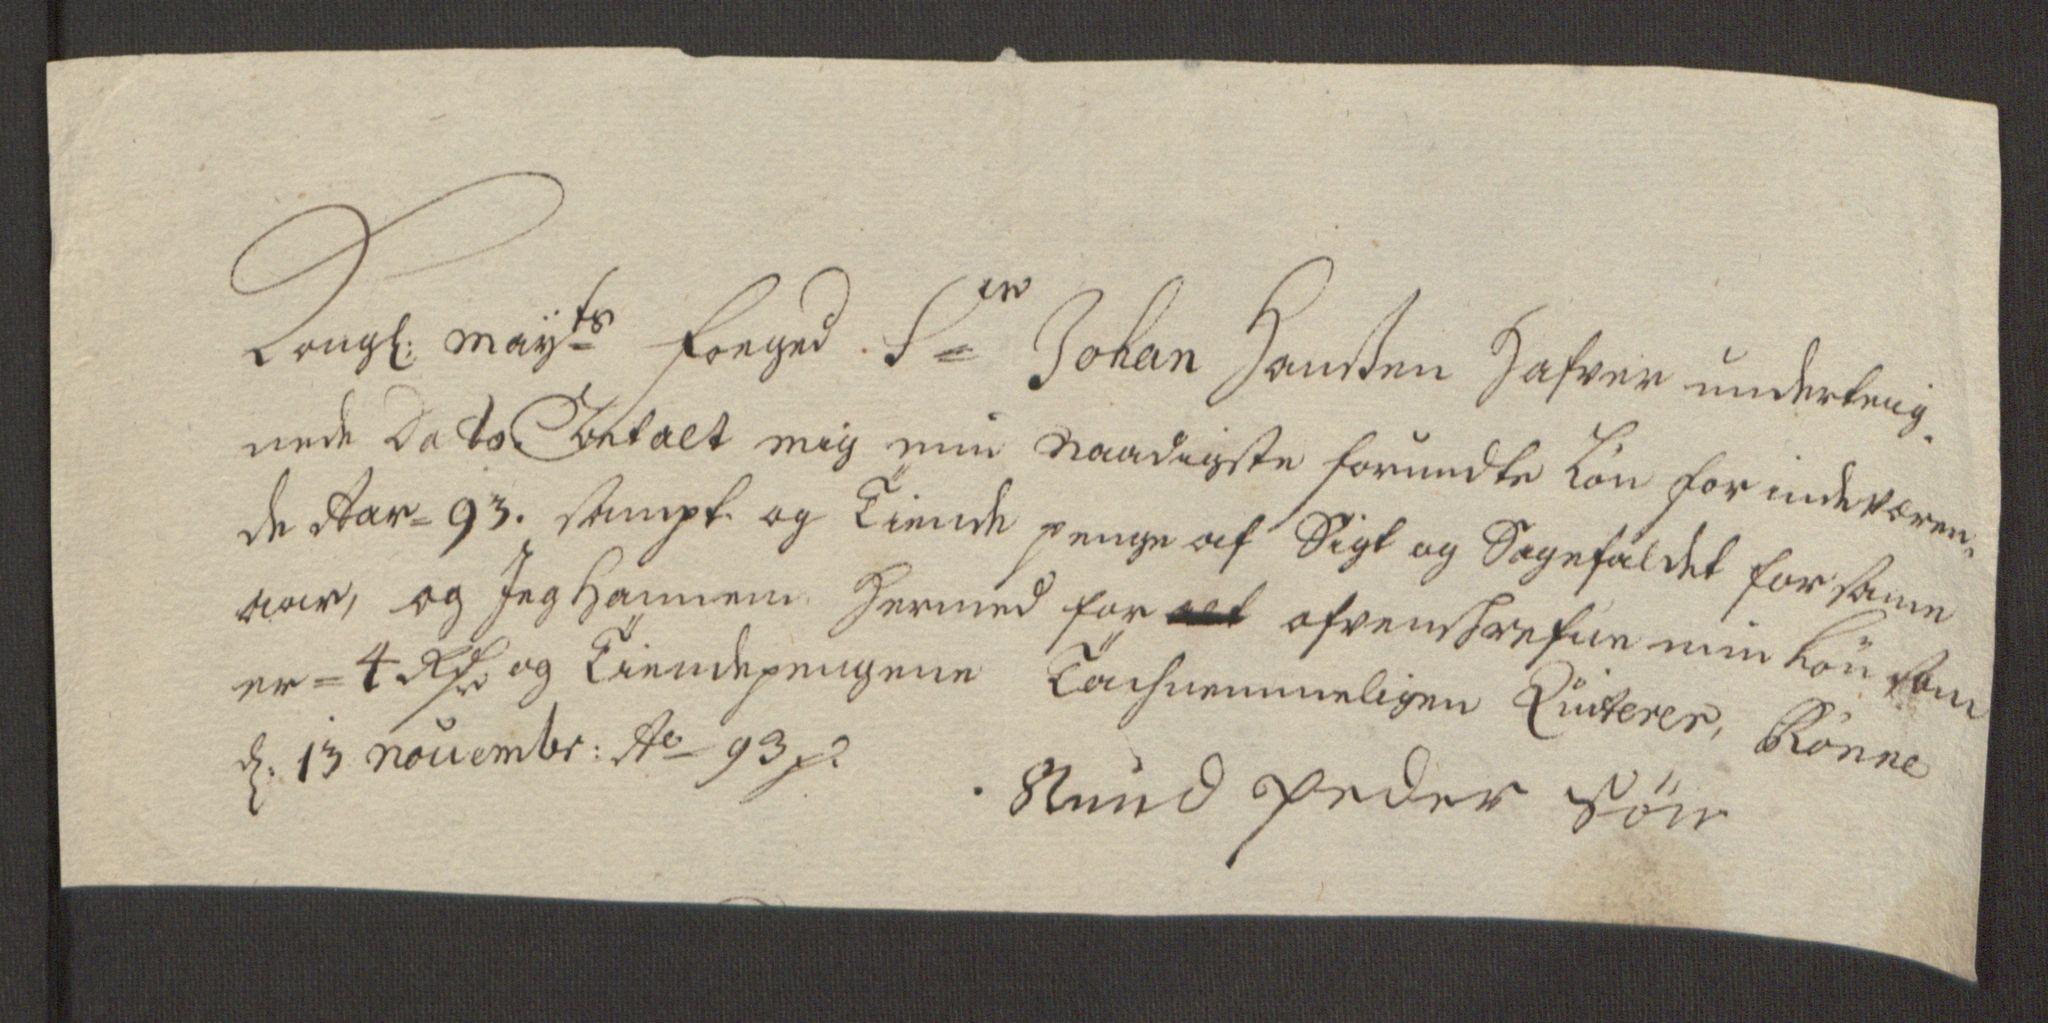 RA, Rentekammeret inntil 1814, Reviderte regnskaper, Fogderegnskap, R52/L3307: Fogderegnskap Sogn, 1693-1694, s. 137